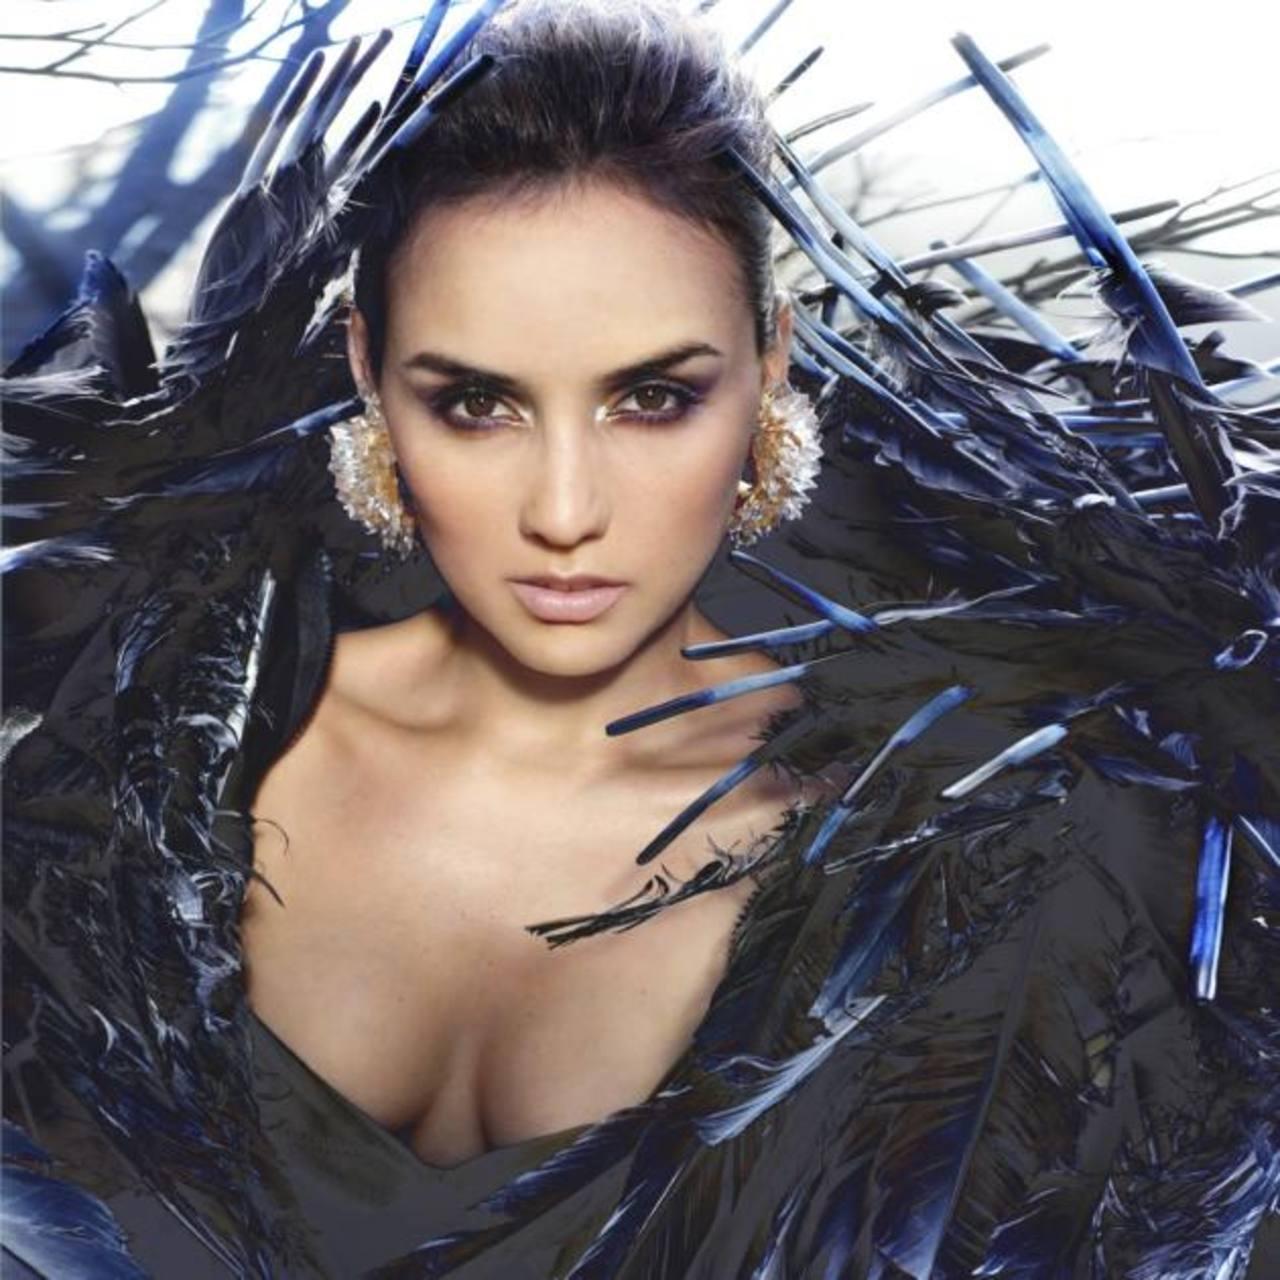 Esta cantante tiene ya mucha trayectoria y ha trabajado con varios artistas mexicanos.